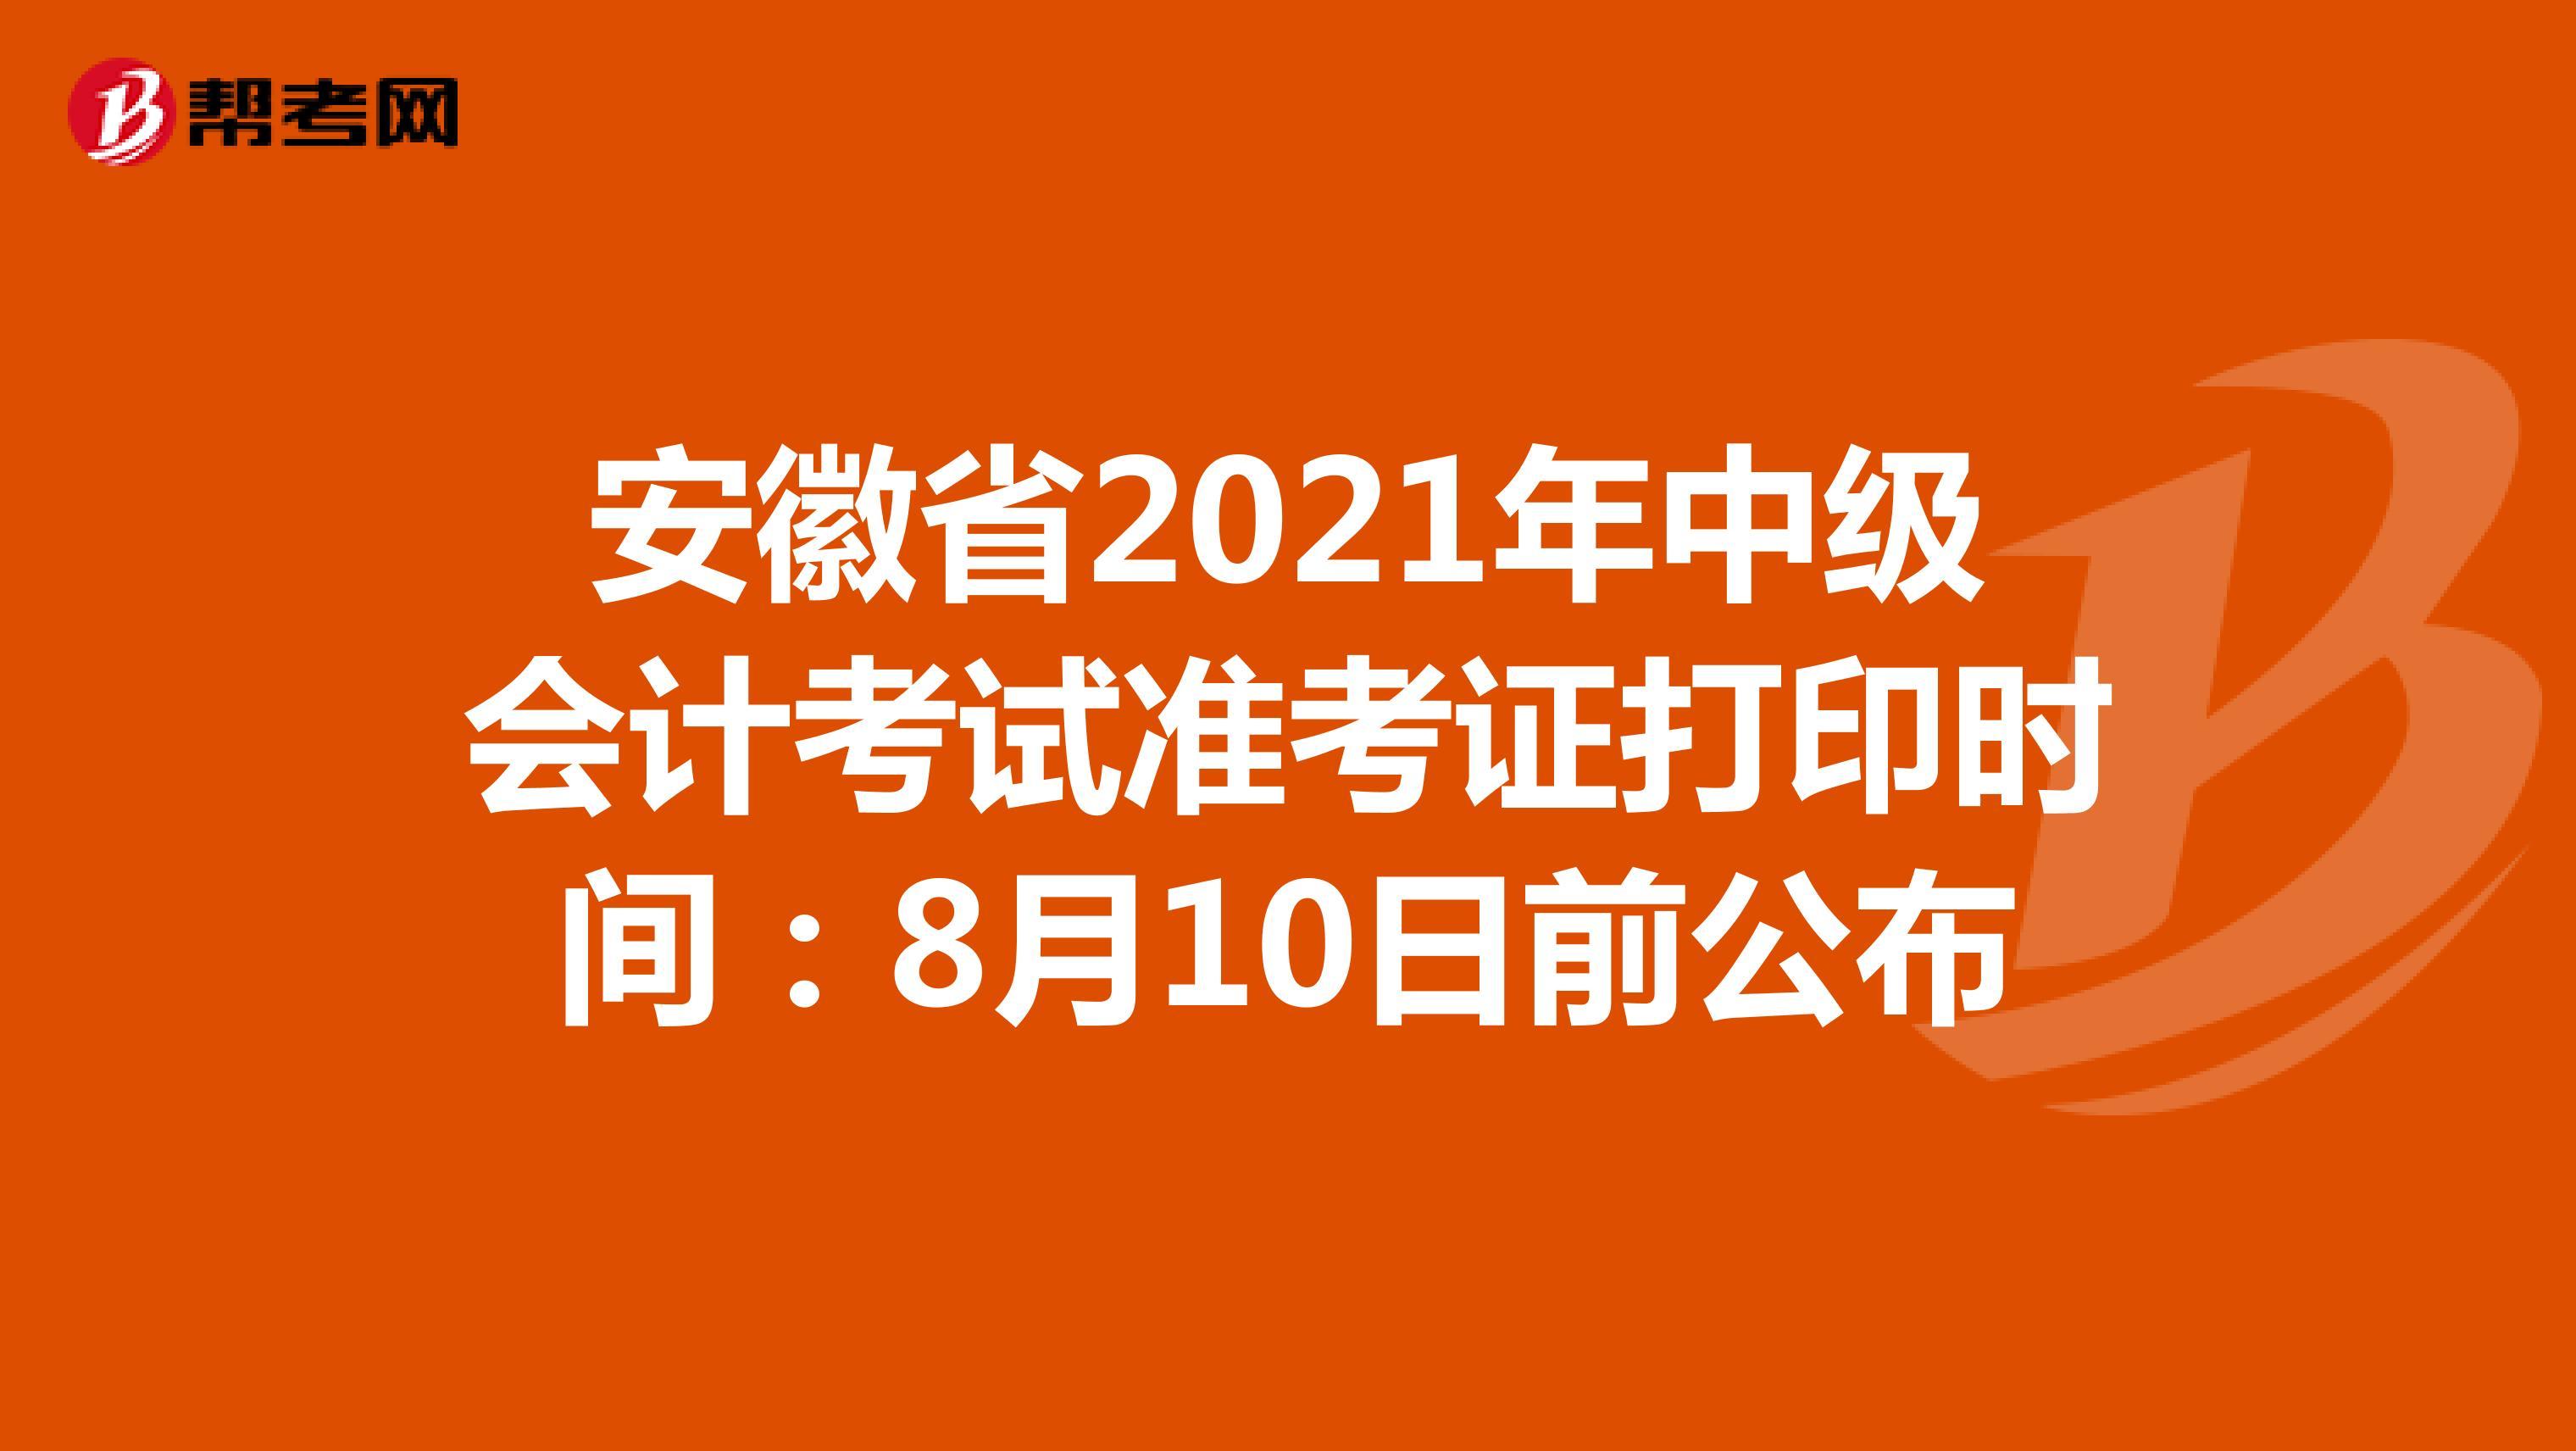 安徽省2021年中级会计考试准考证打印时间:8月10日前公布